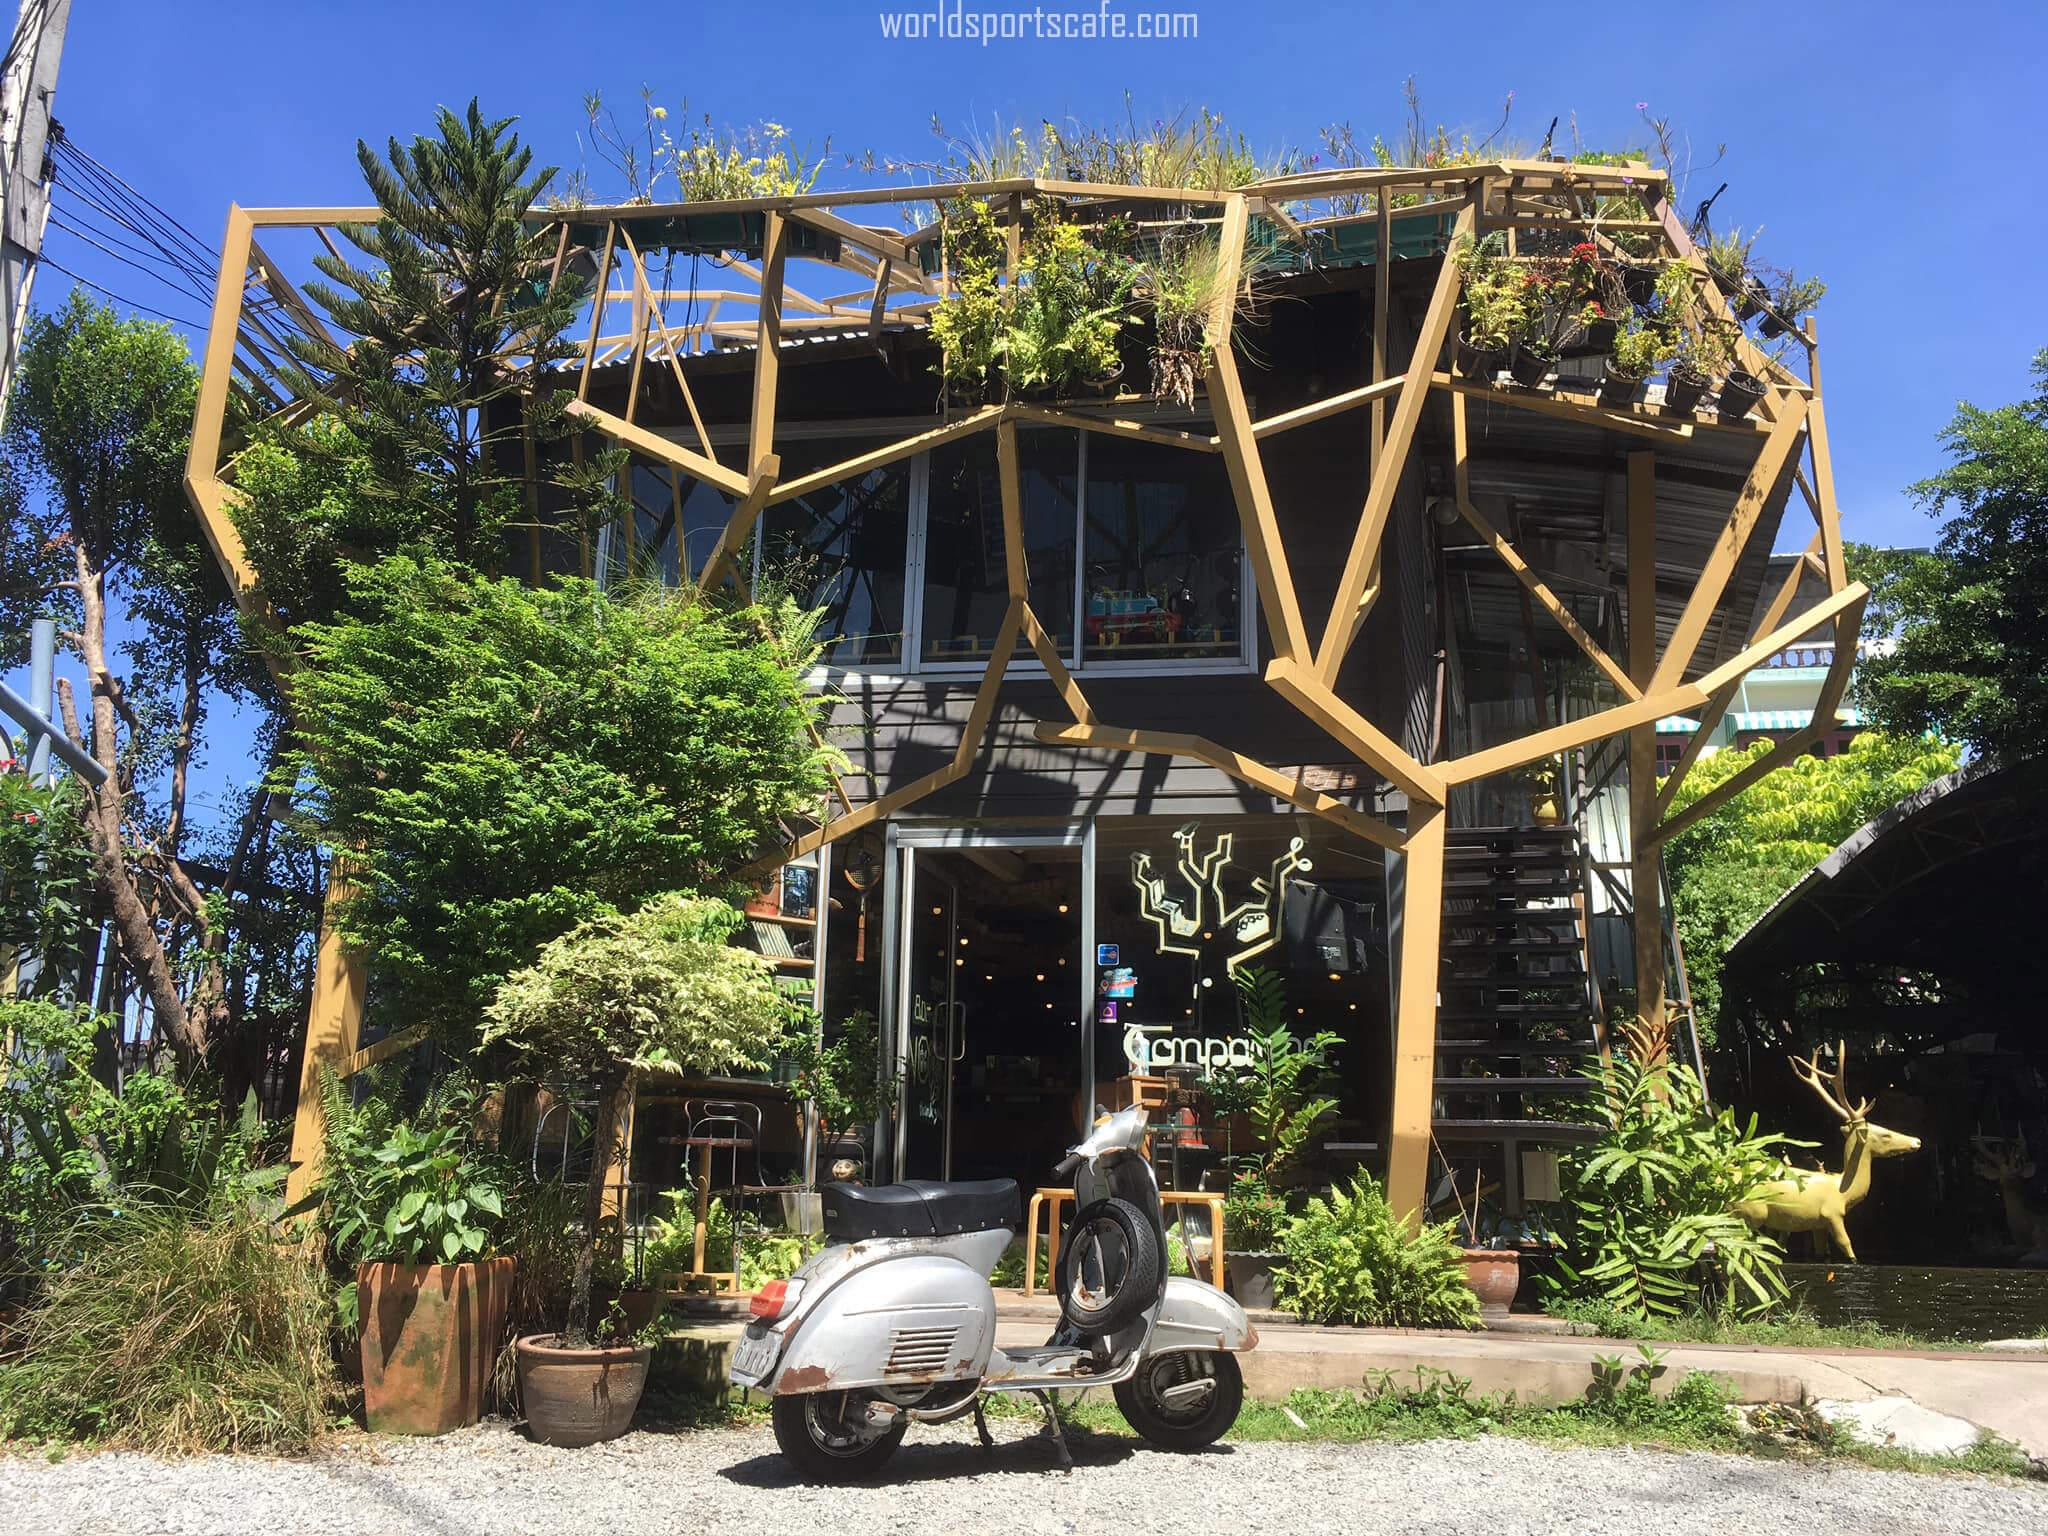 Companno Café คาเฟ่เมืองชลบุรี